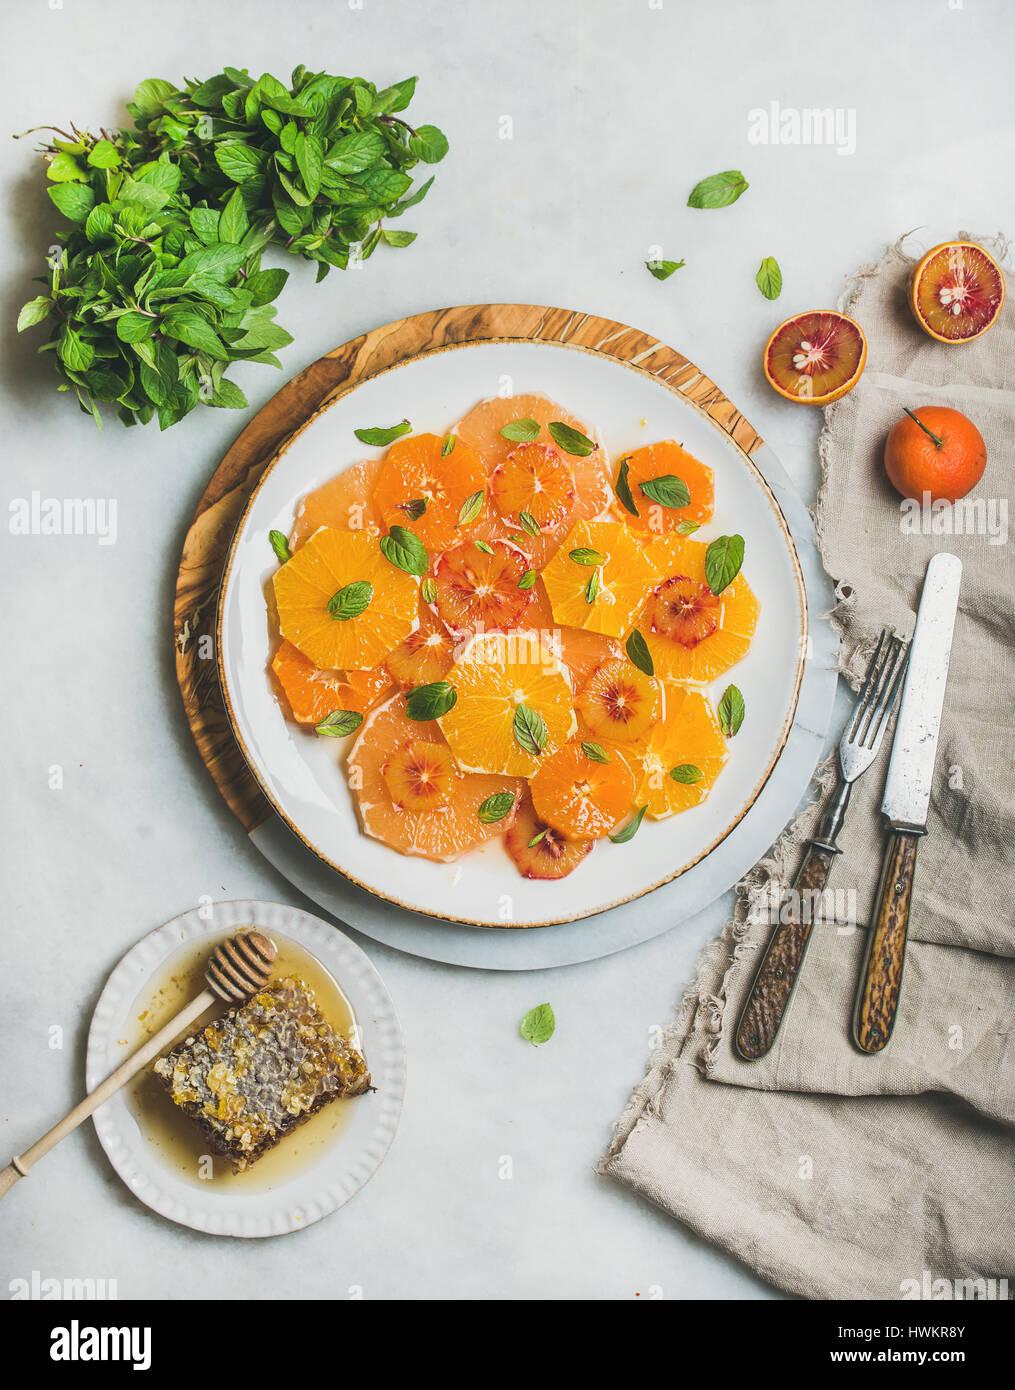 Frais Vegan salade mixte avec la menthe et le miel Photo Stock